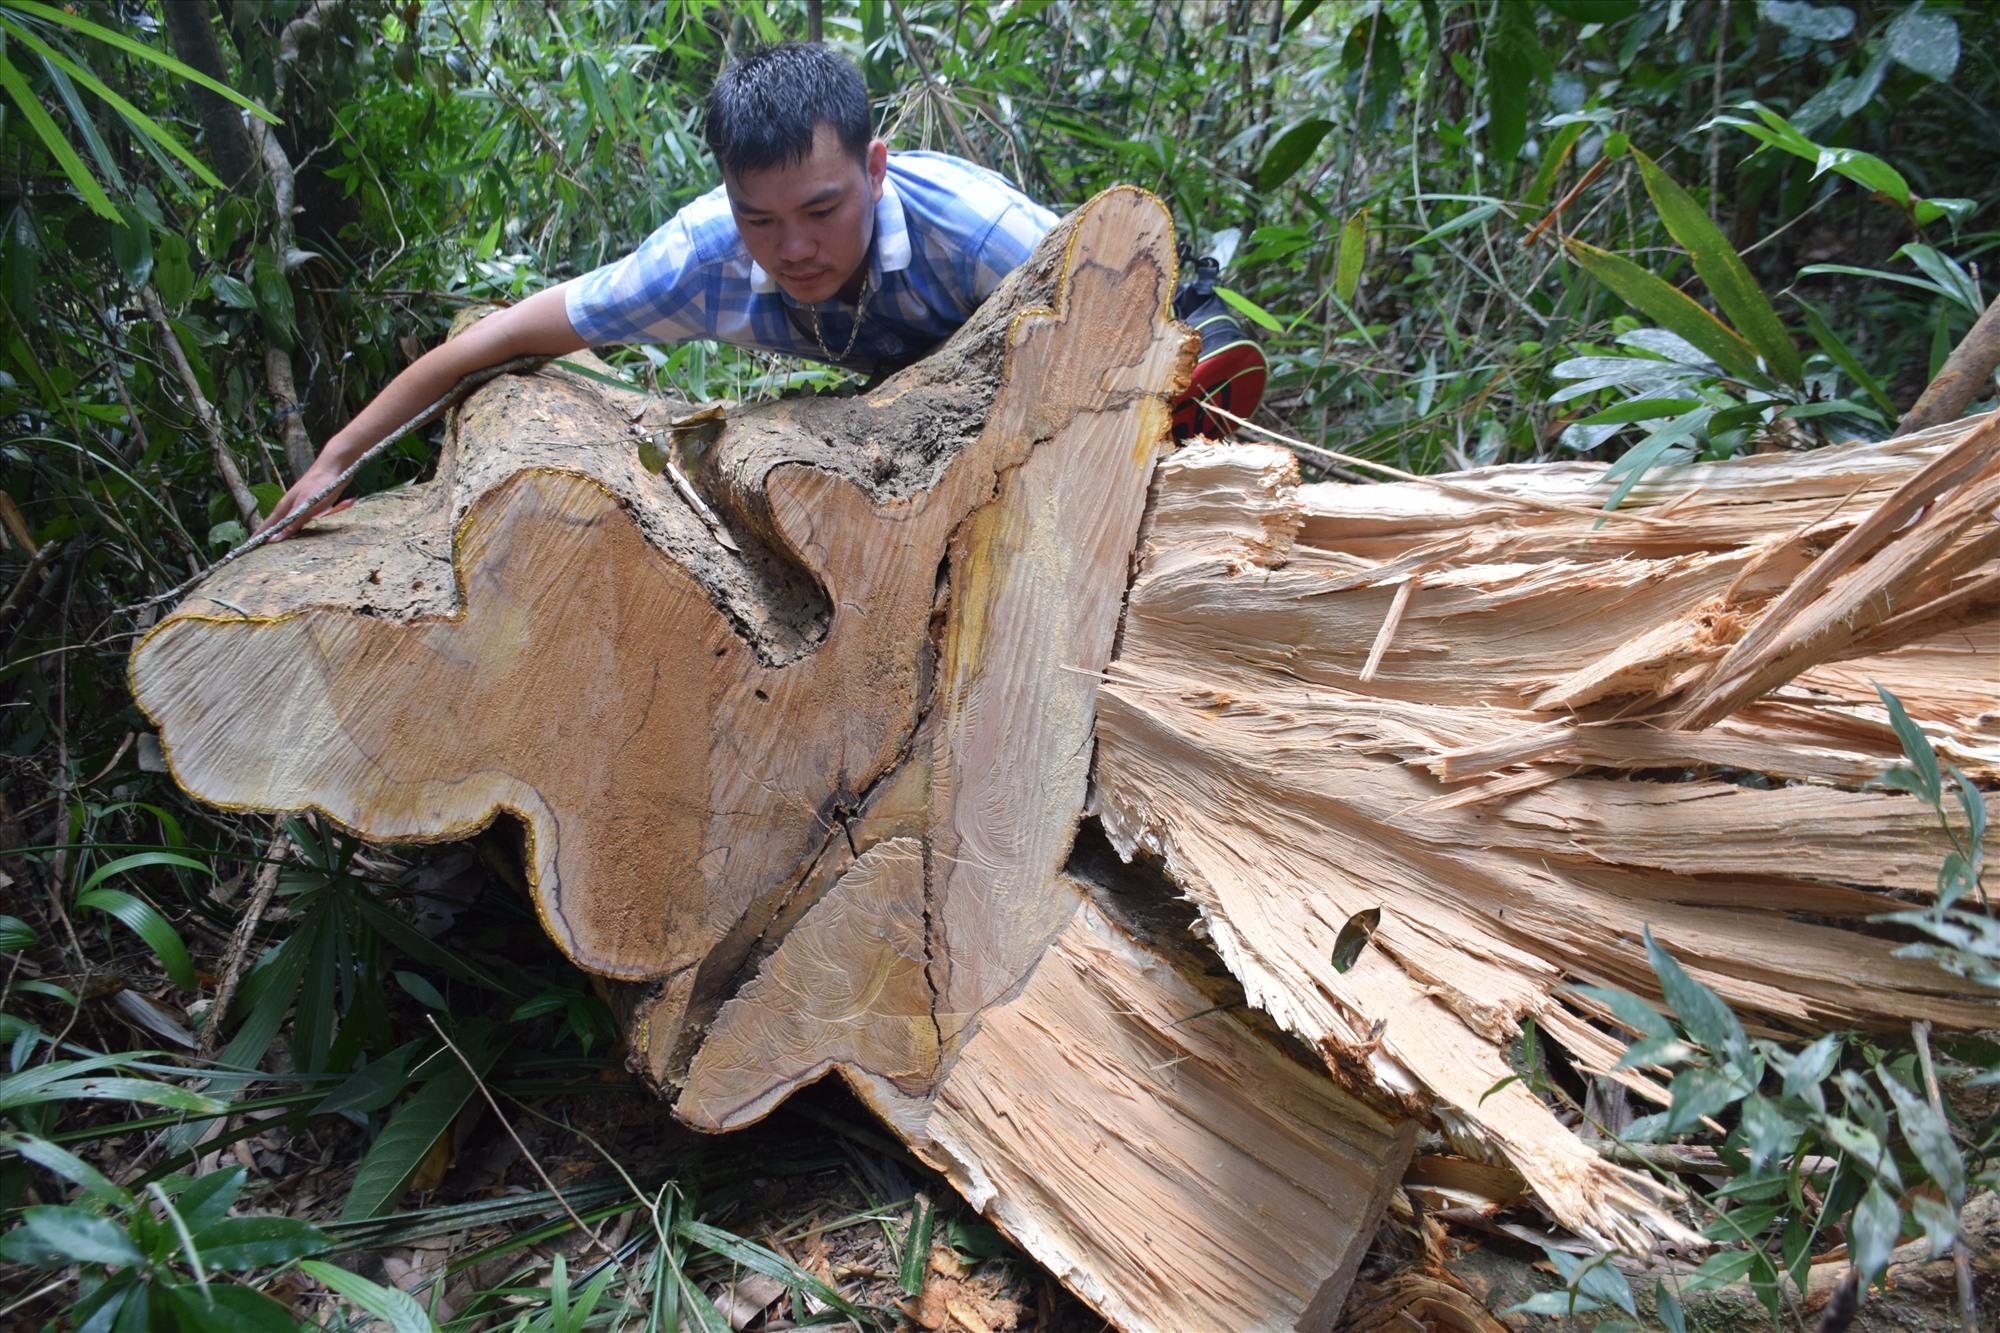 Dấu vết gỗ bị cưa hạ rất mới, nhựa cây vẫn chưa khô. Ảnh: THANH THẮNG